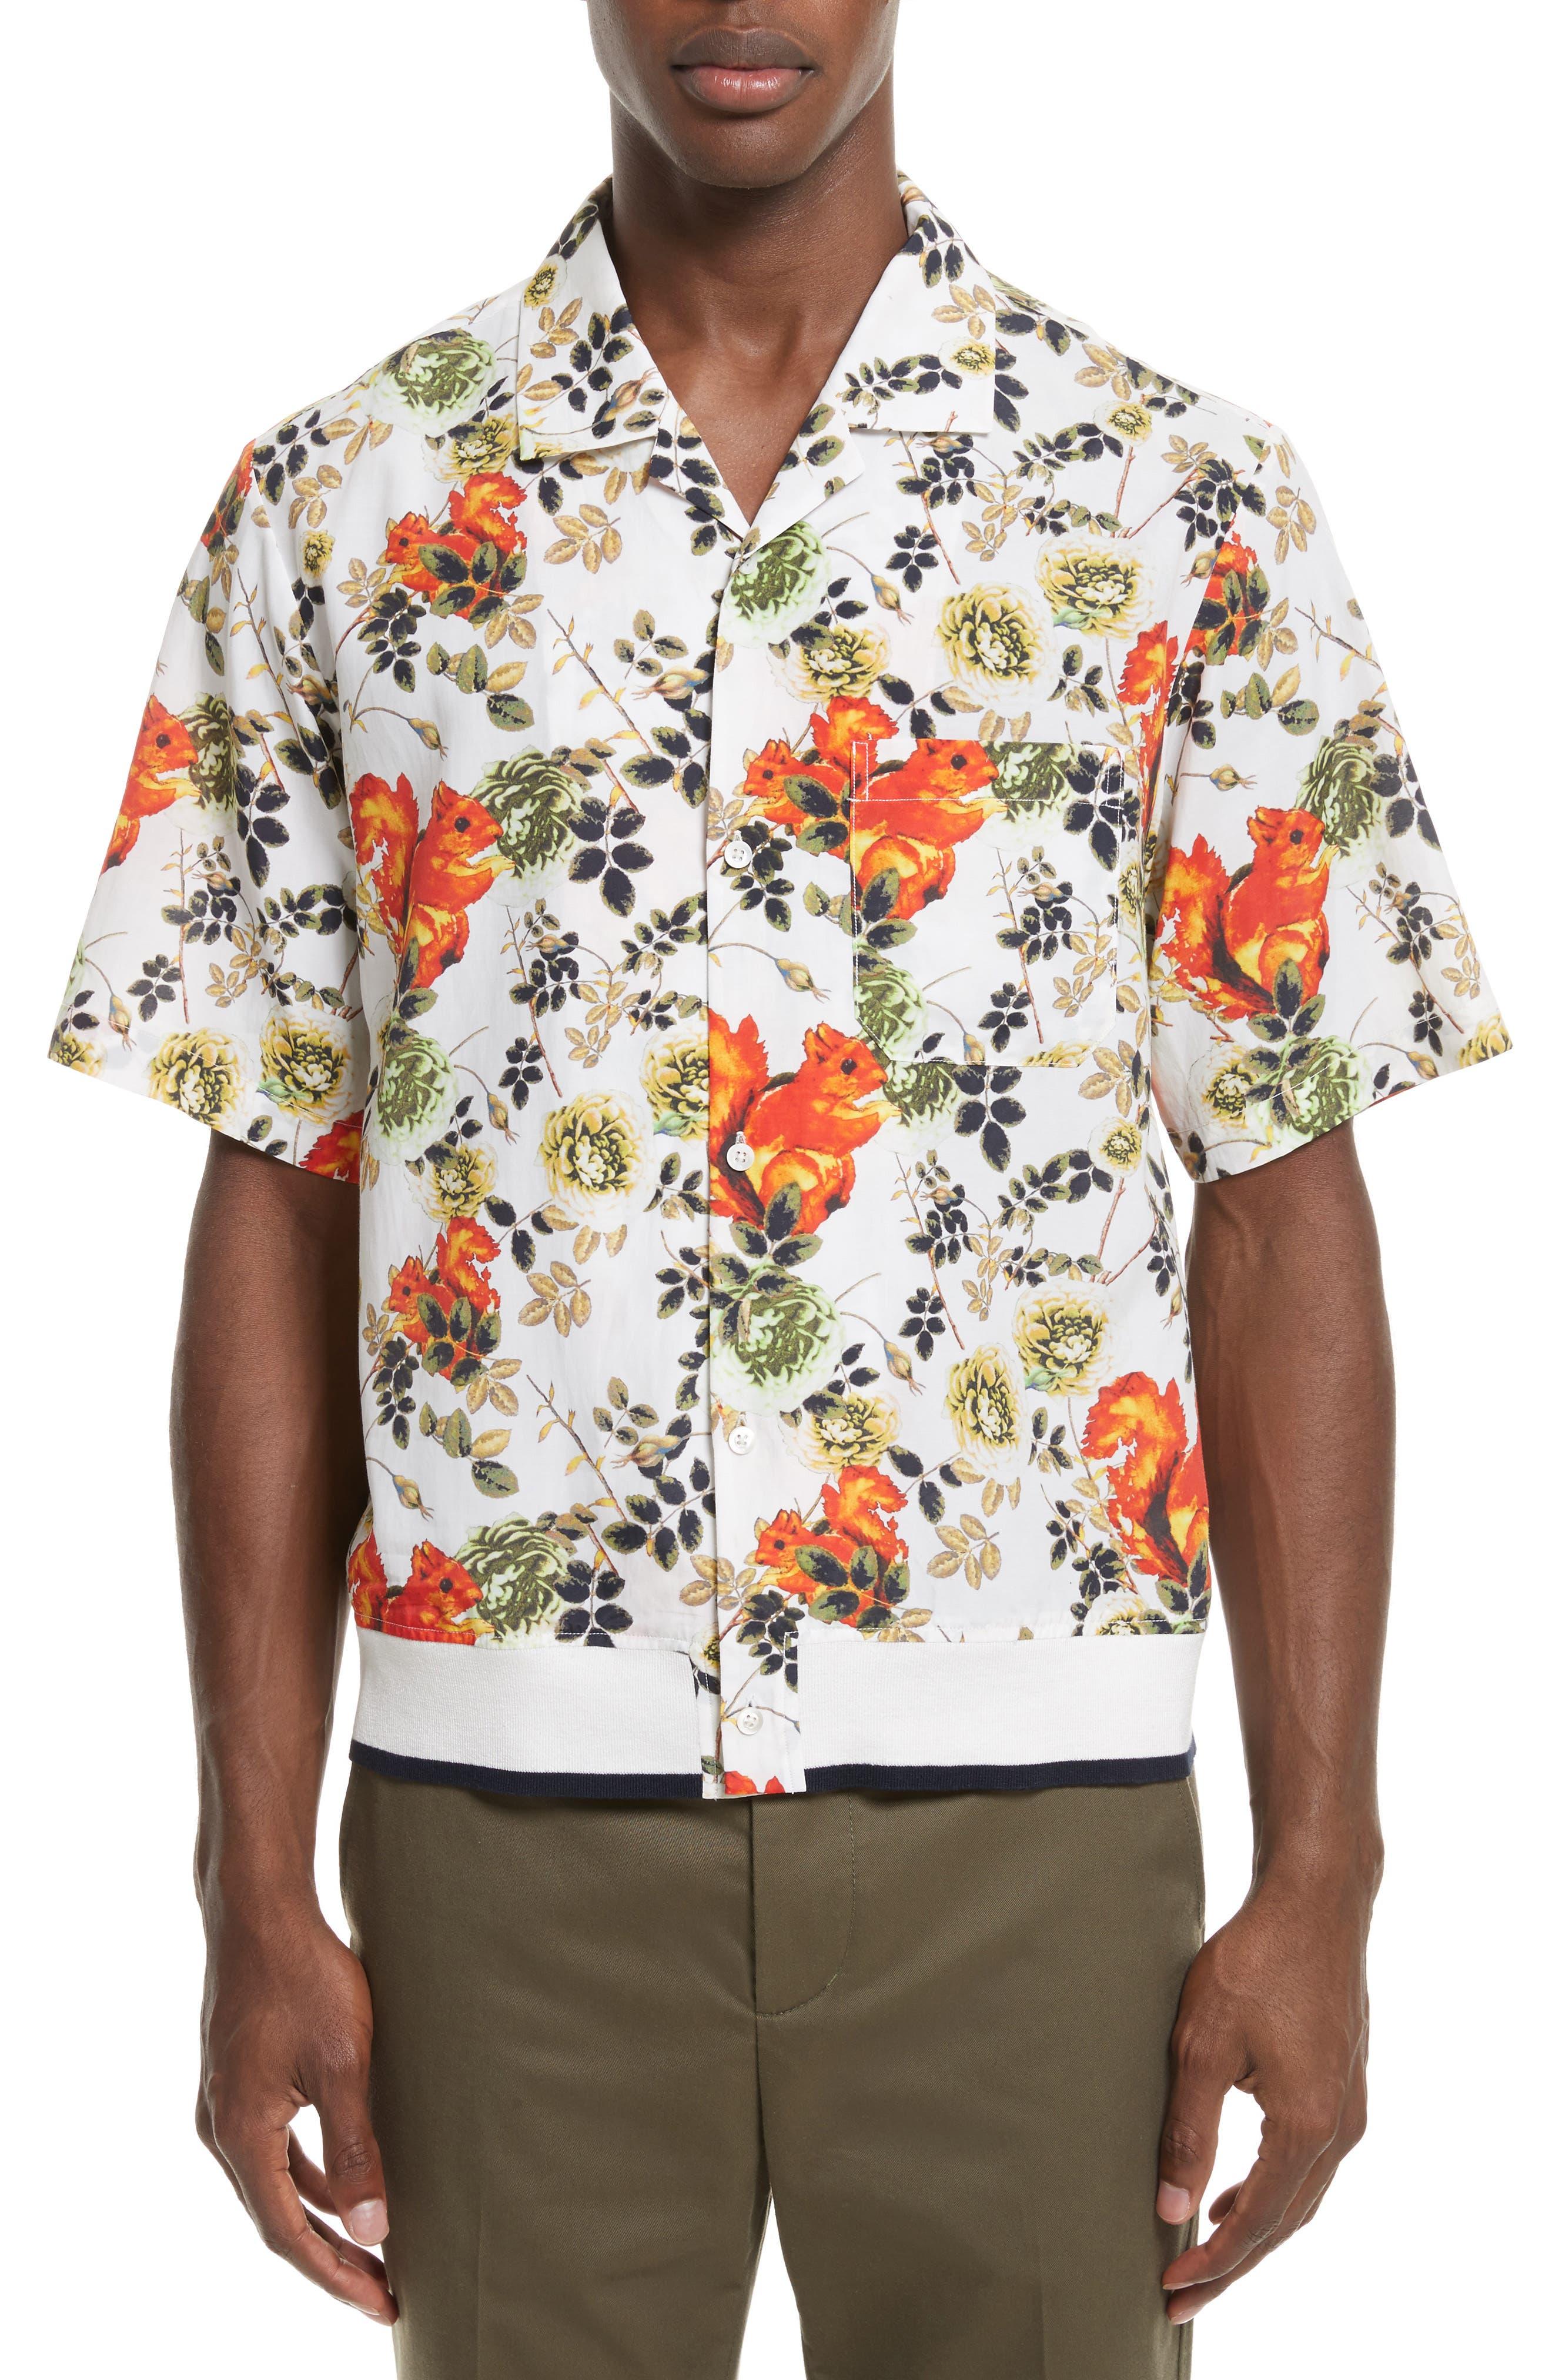 3.1 Phillip Lim Floral Souvenir Shirt